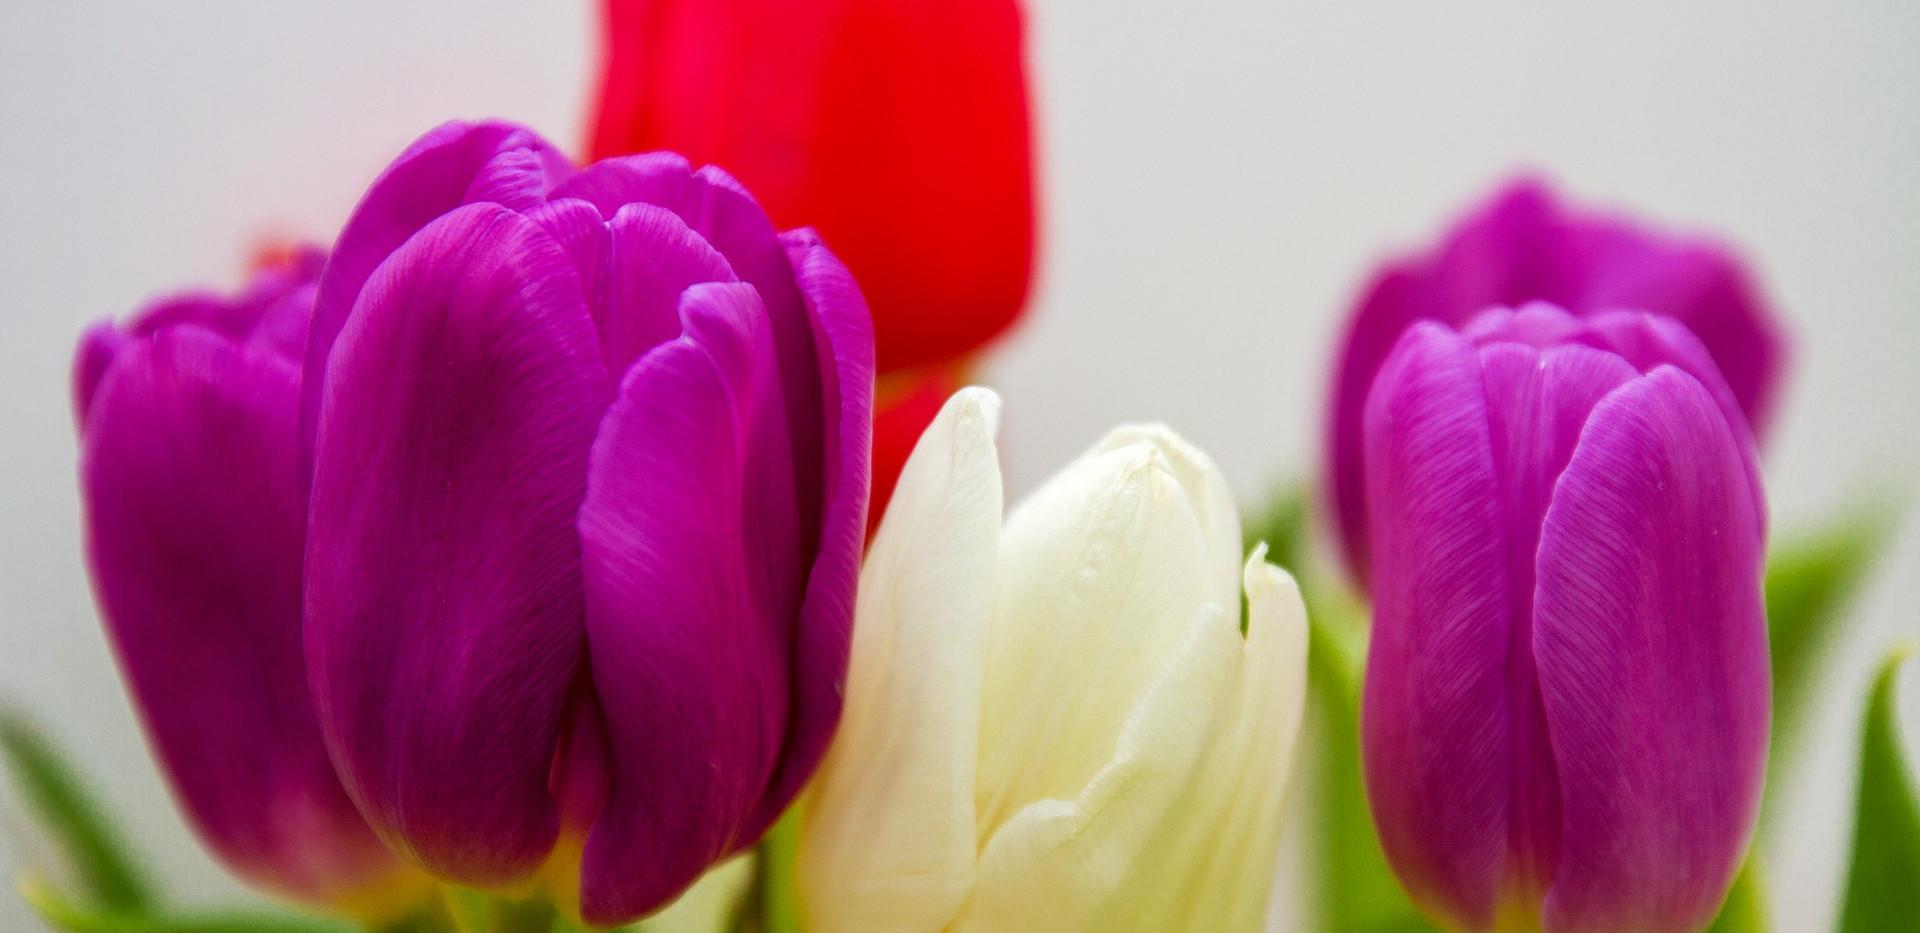 flowers-3174987_1920.jpg